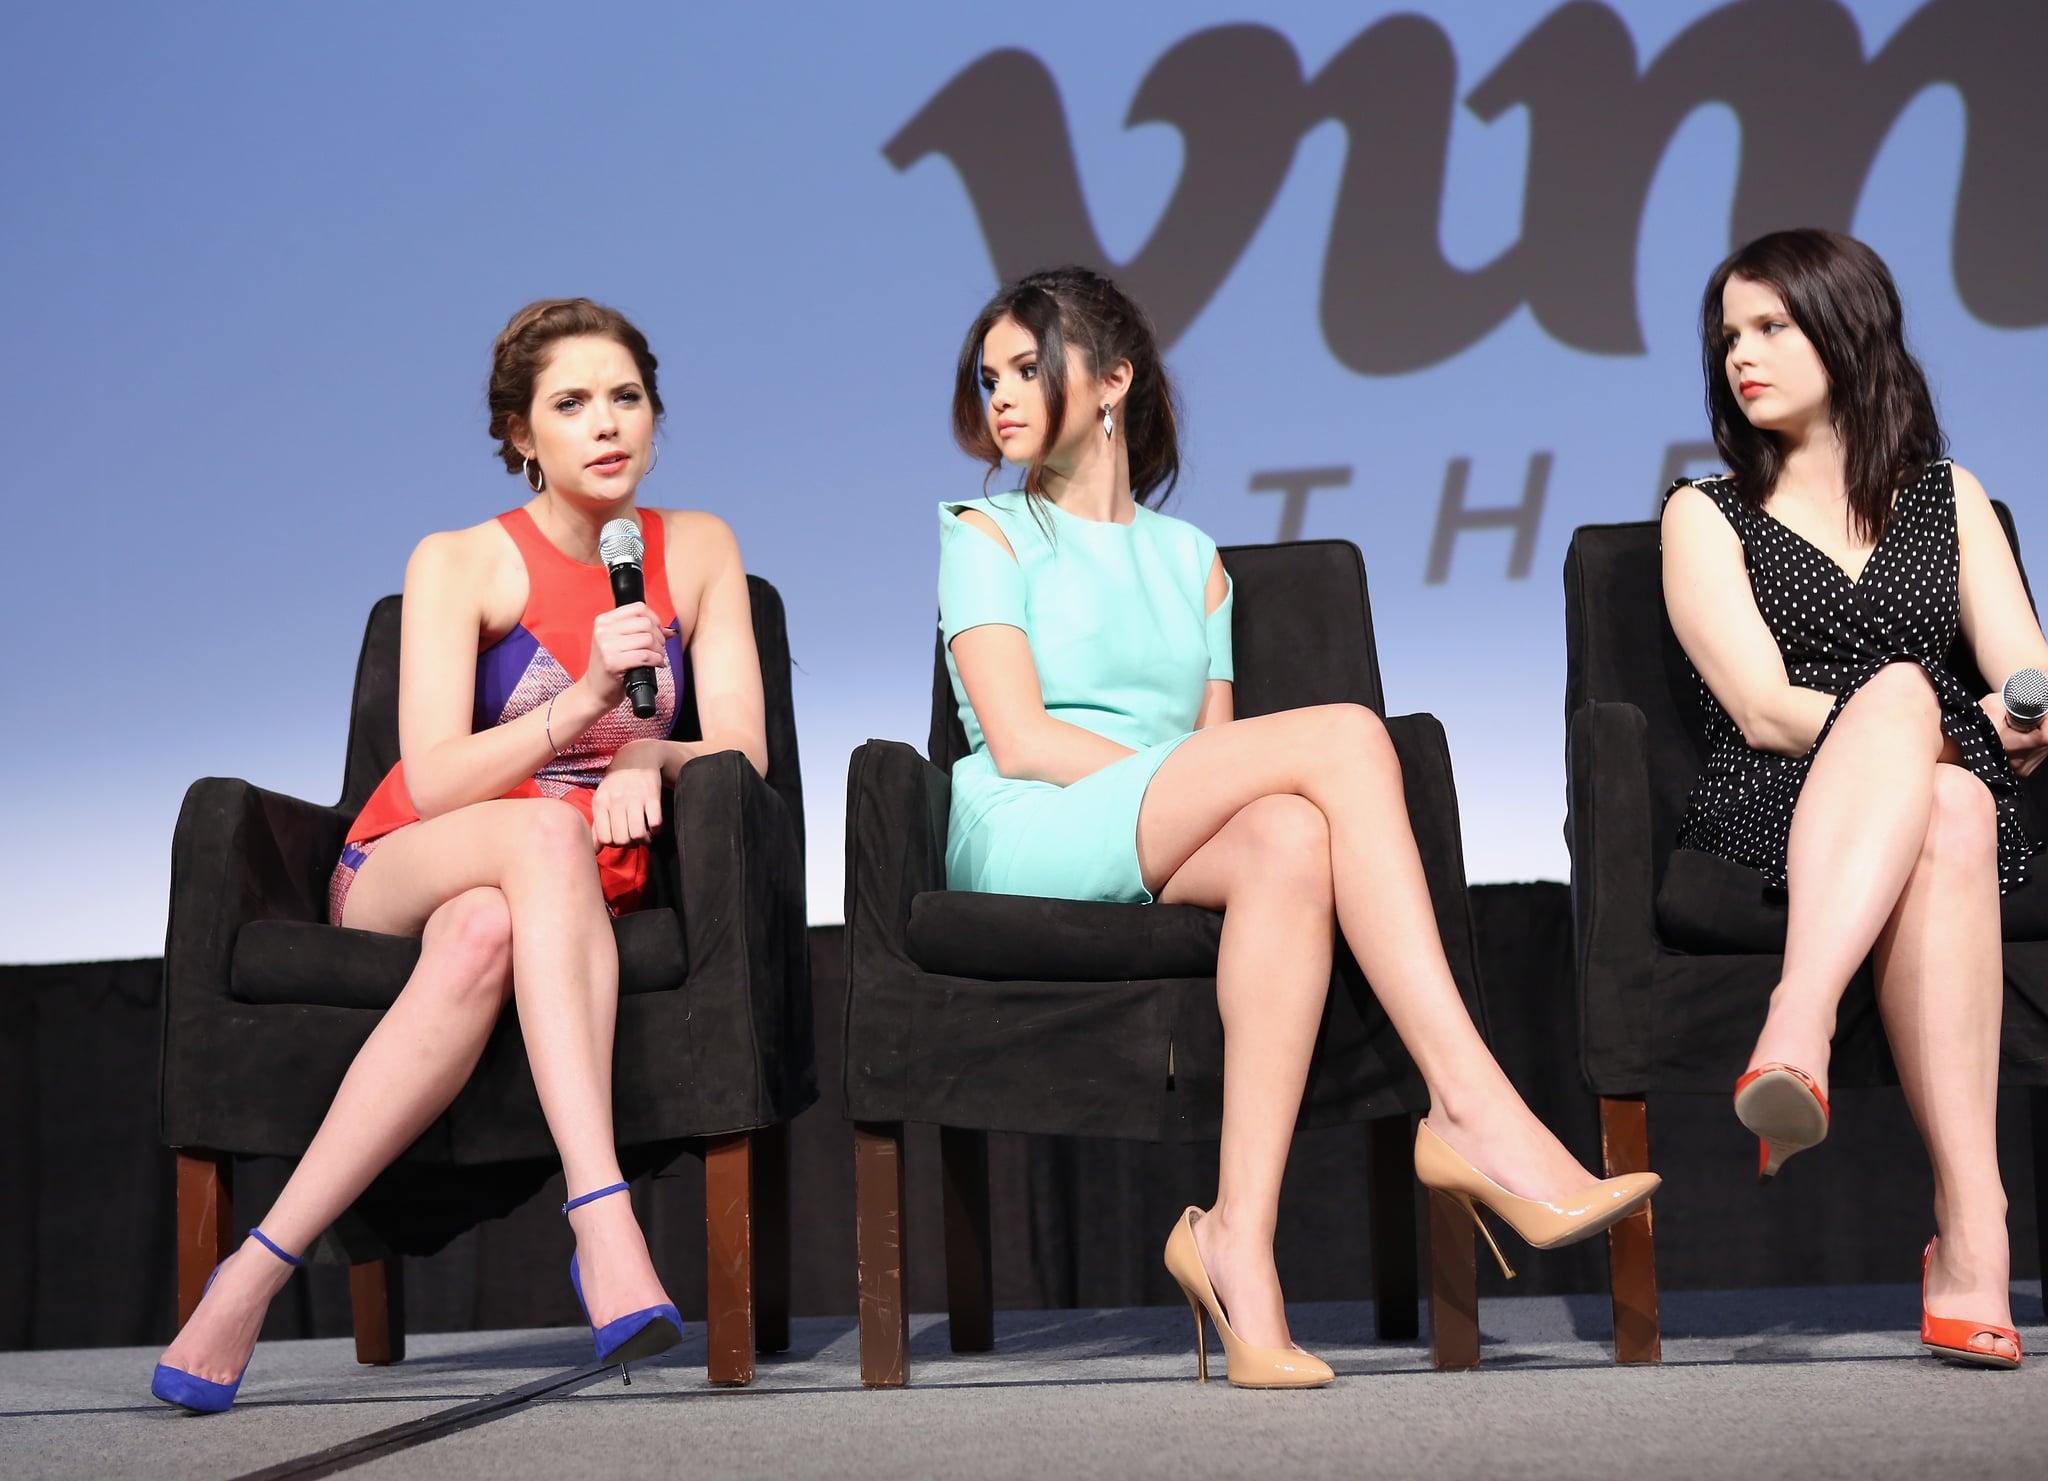 Ashley Benson, Selena Gomez, and Rachel Korine talked about their film at SXSW.